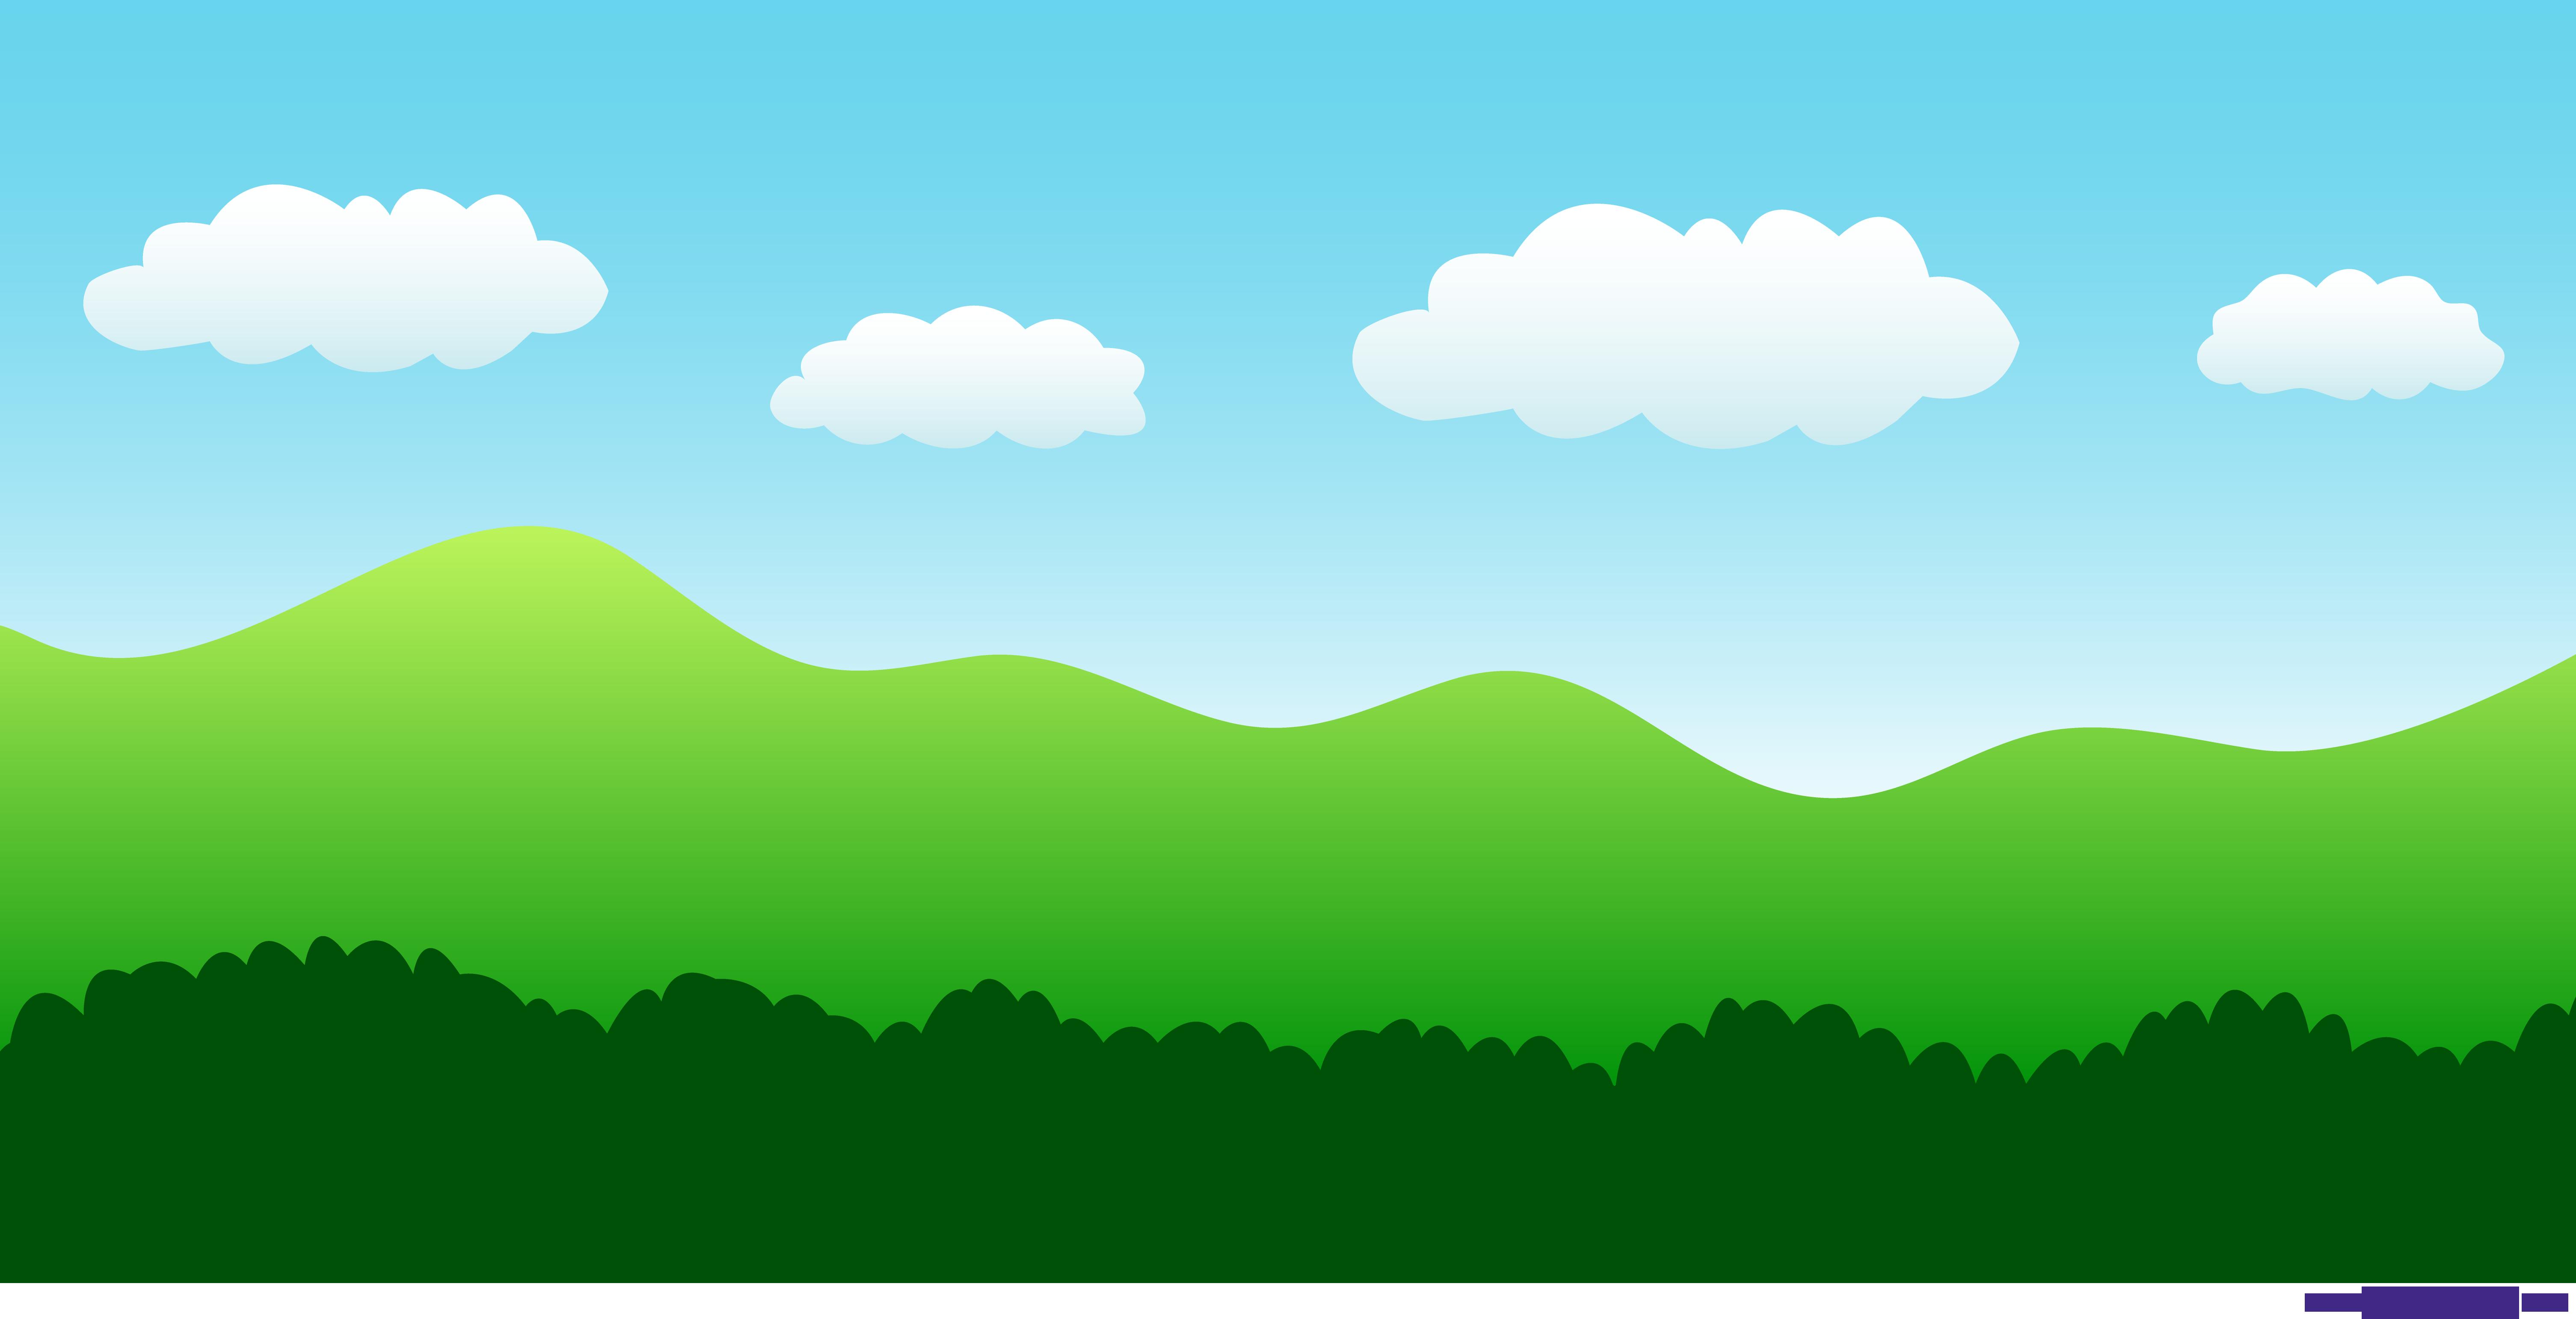 Nature Settings Simple Landscape 1 Clipart.